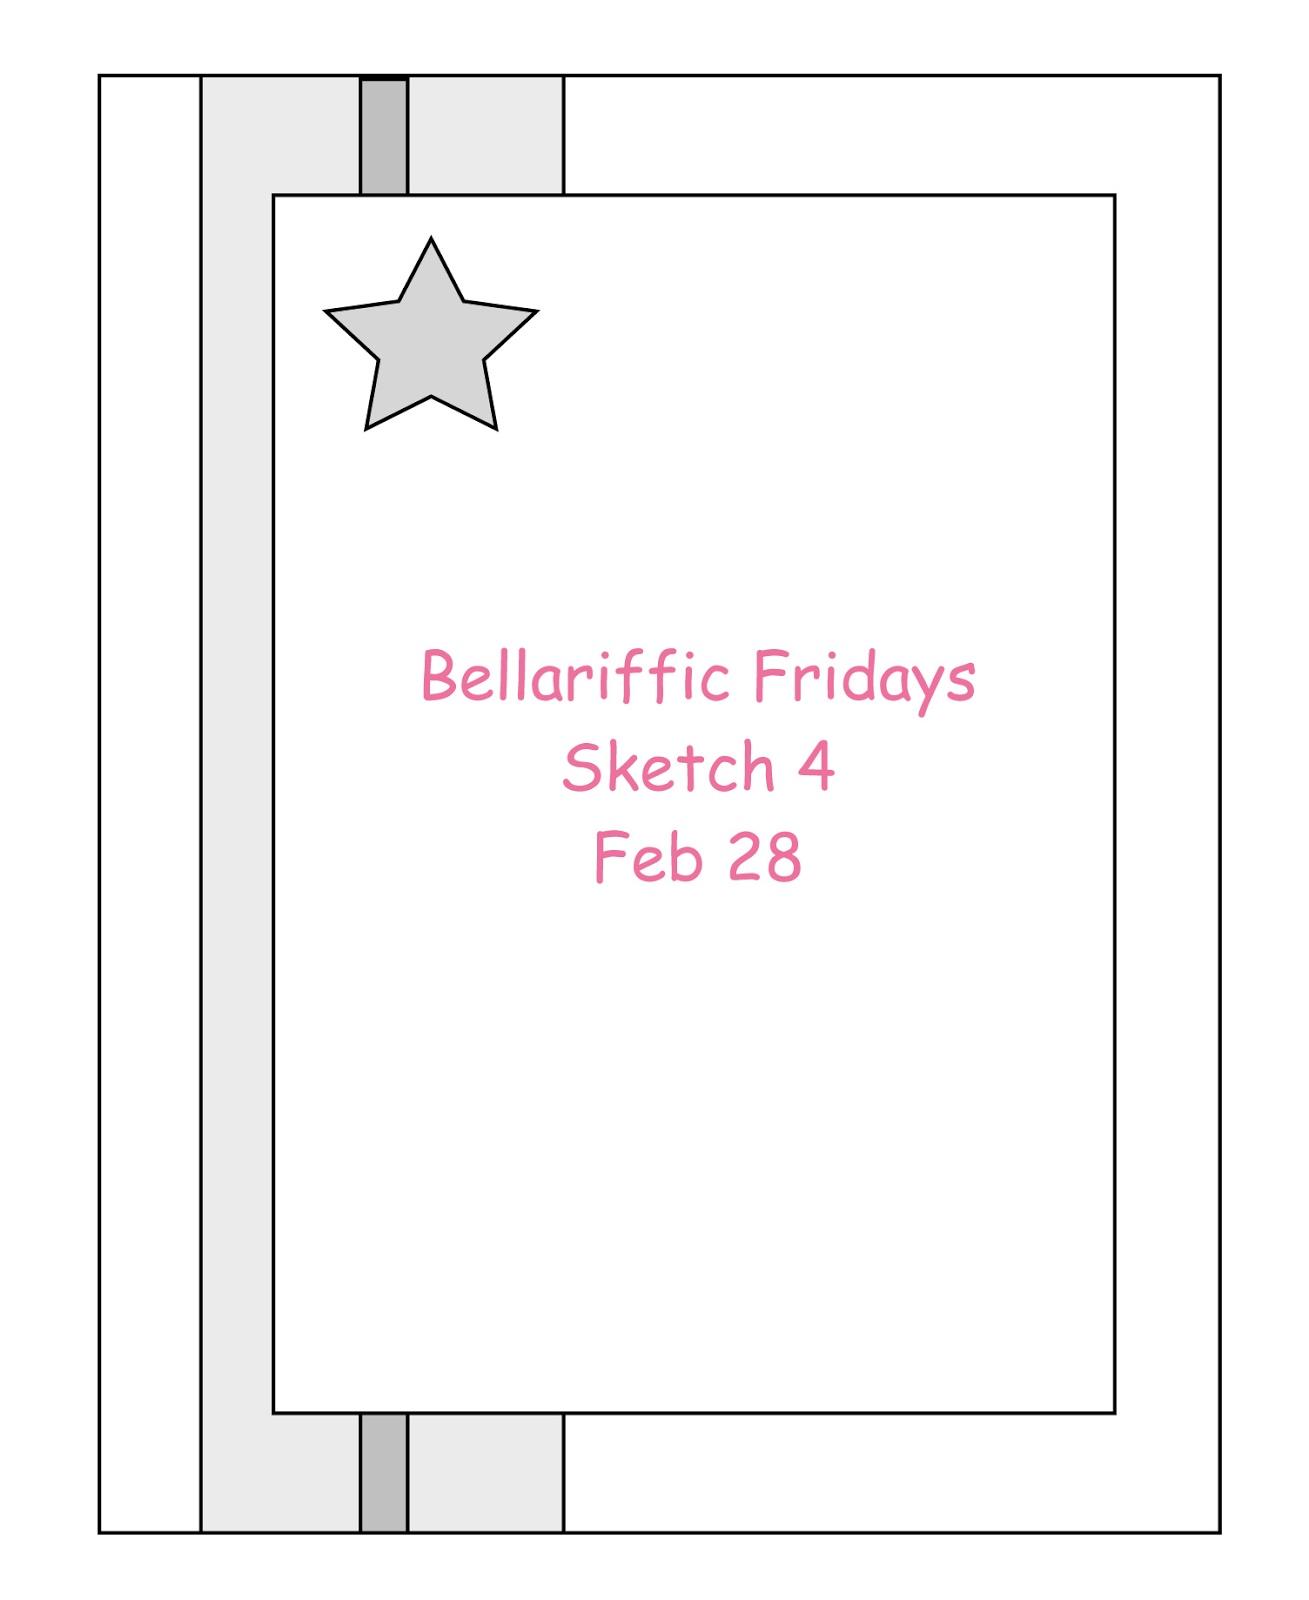 sketch-4 - Feb 28